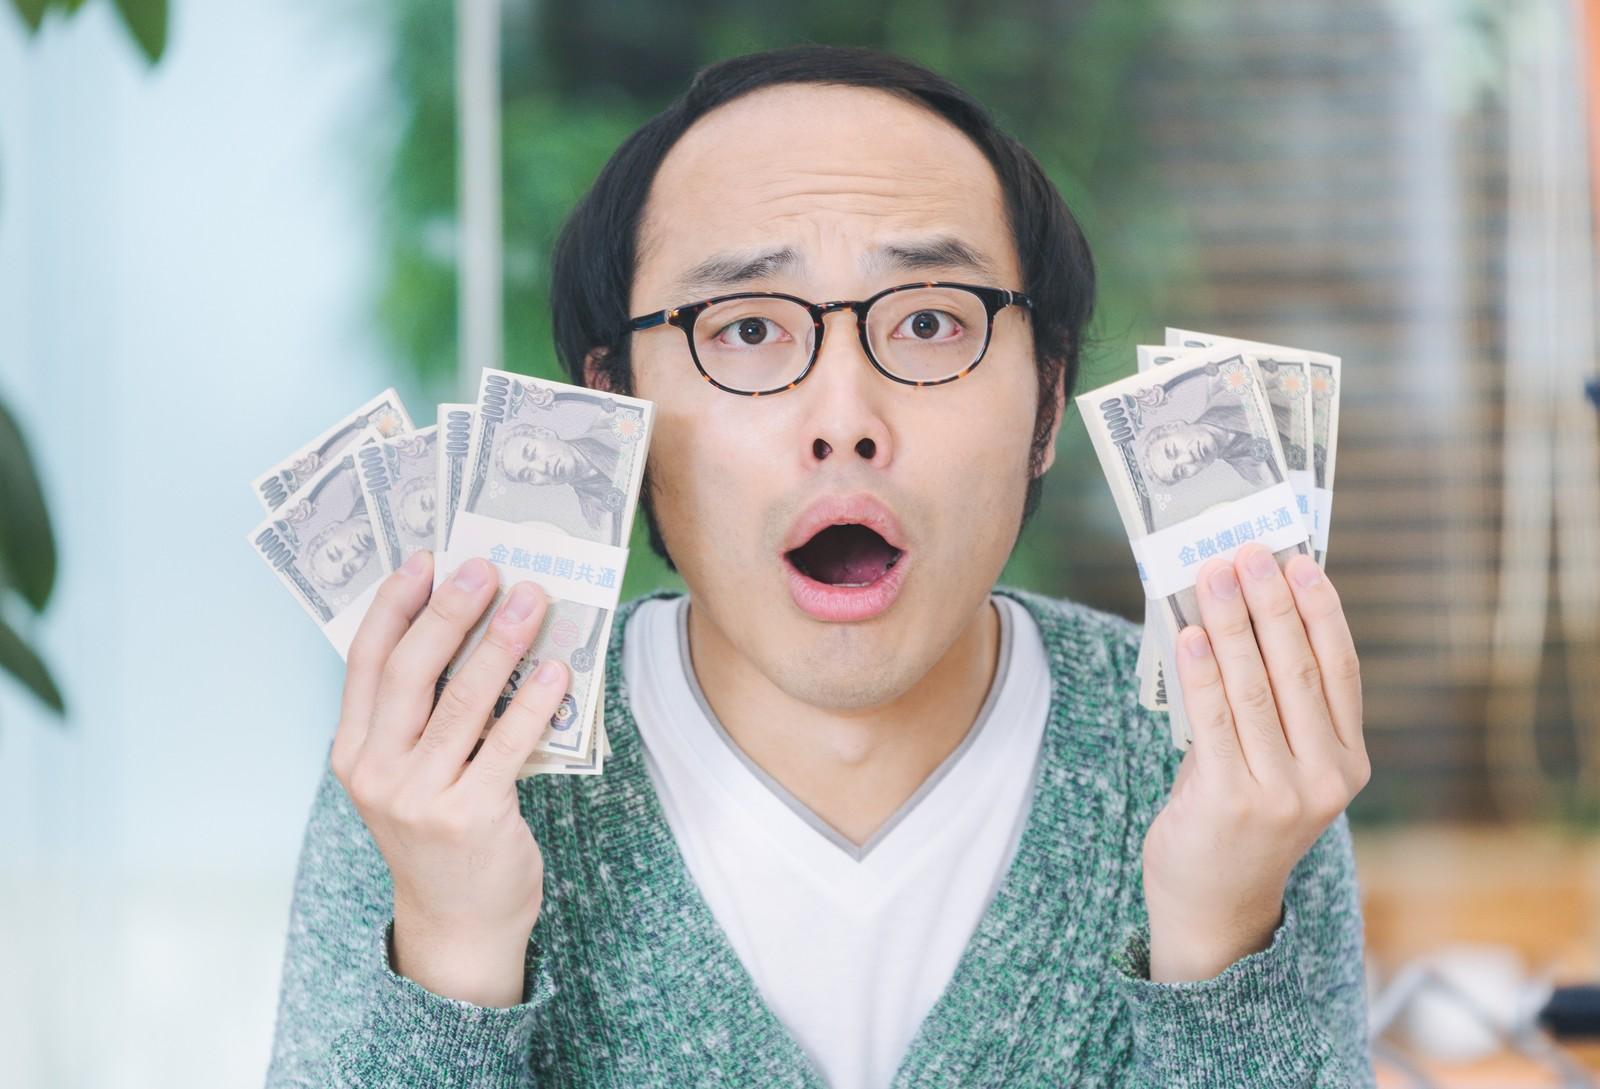 「月5万円の貯金力」国民健康保険は市町村によって物凄く差があります!フリーで生きる人は住居費+国民健康保険をセットで考えよう。